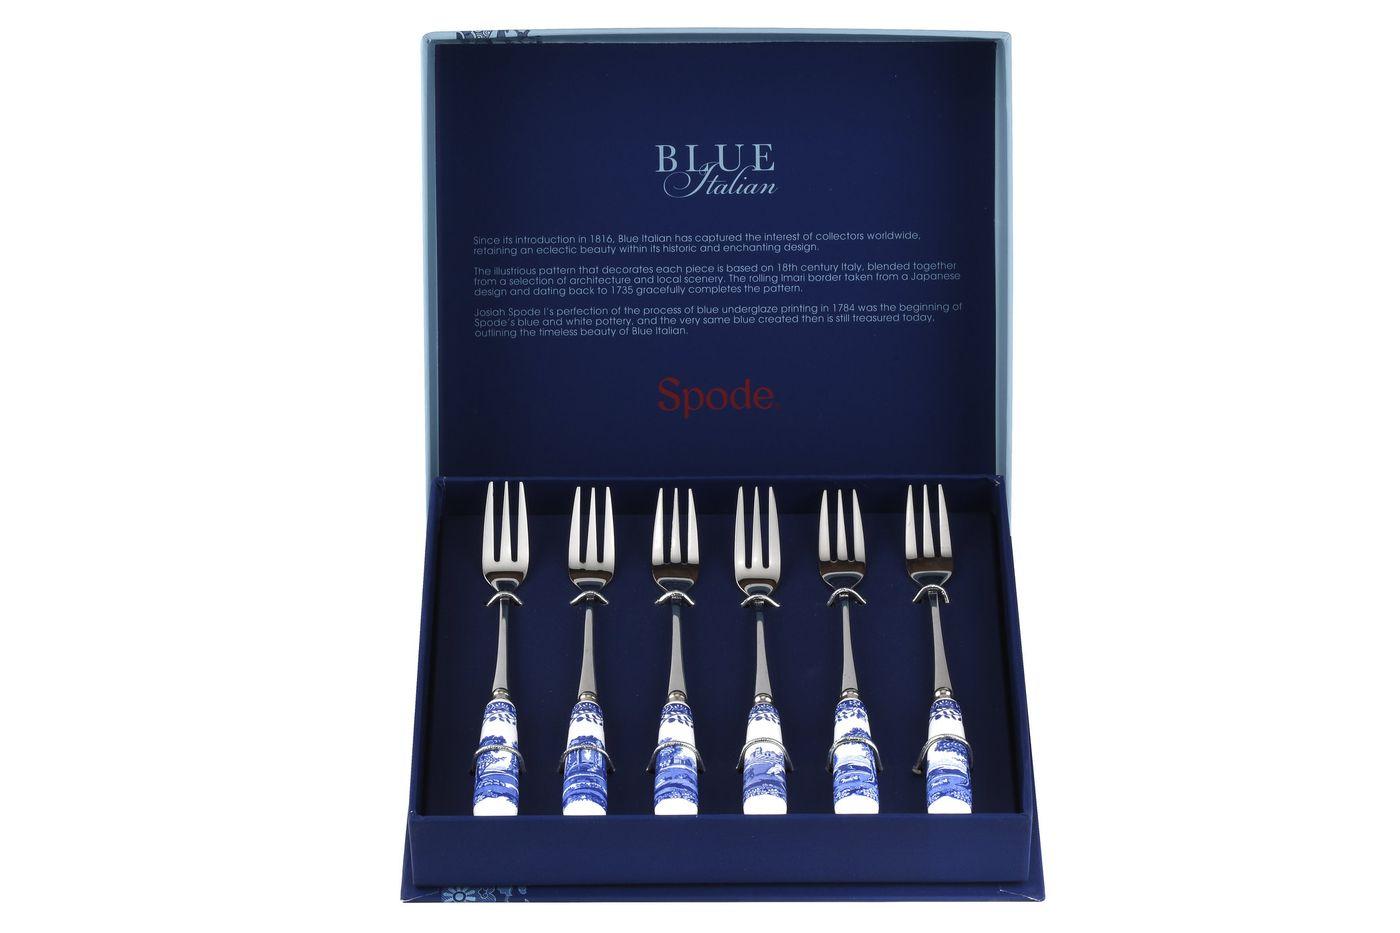 Spode Blue Italian Pastry Fork Set Set of 6 thumb 2